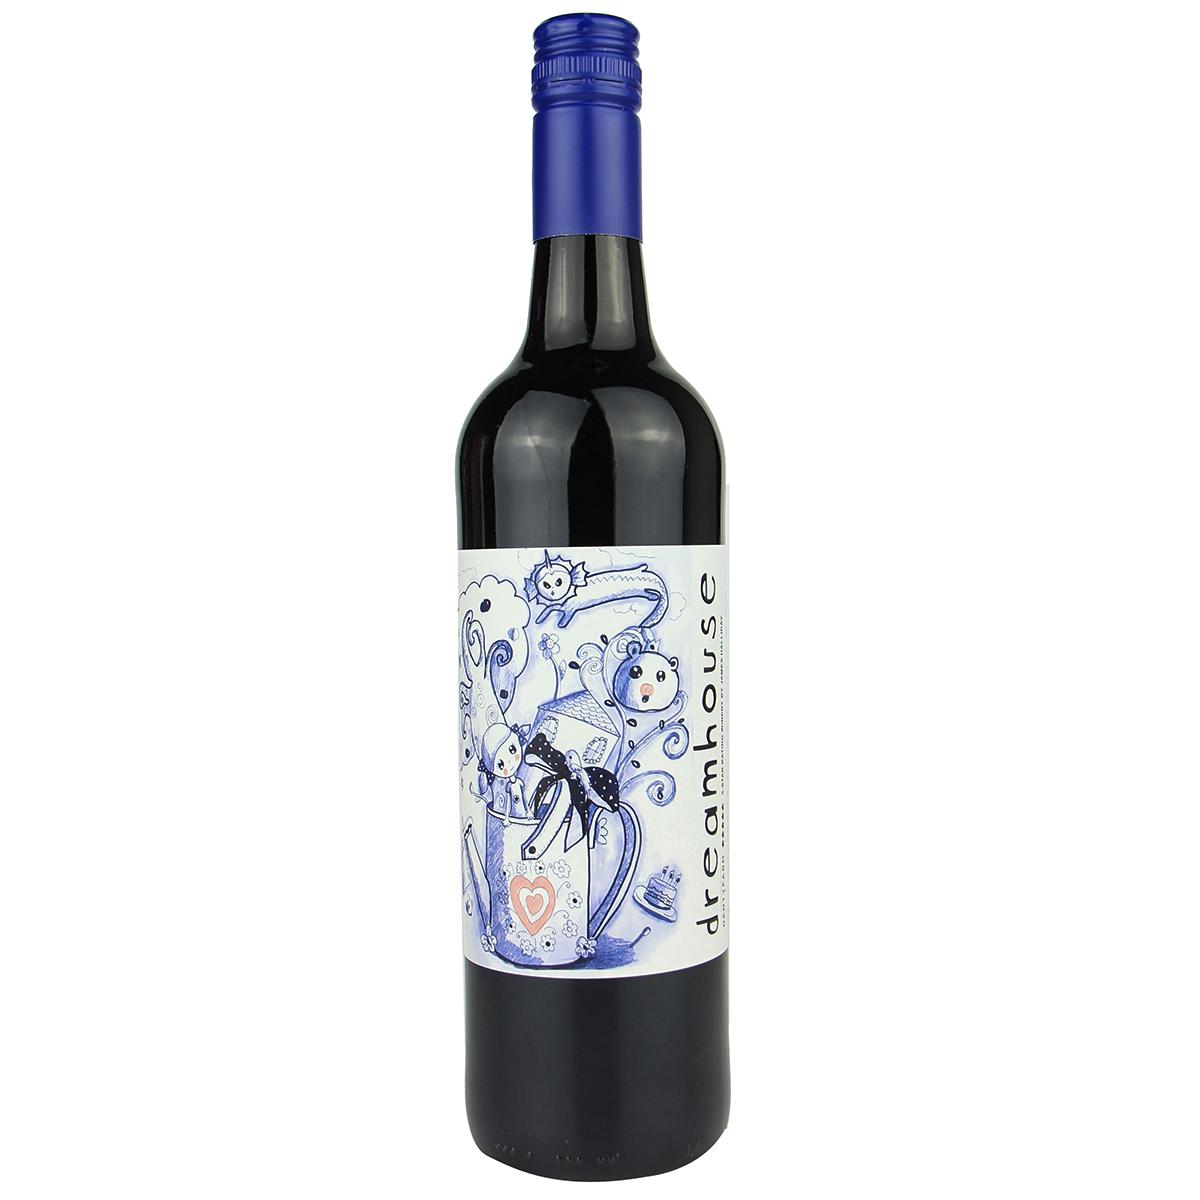 澳大利亞亨蒂產區亨蒂酒園夢幻屋西拉赤霞珠五星酒莊干紅葡萄酒